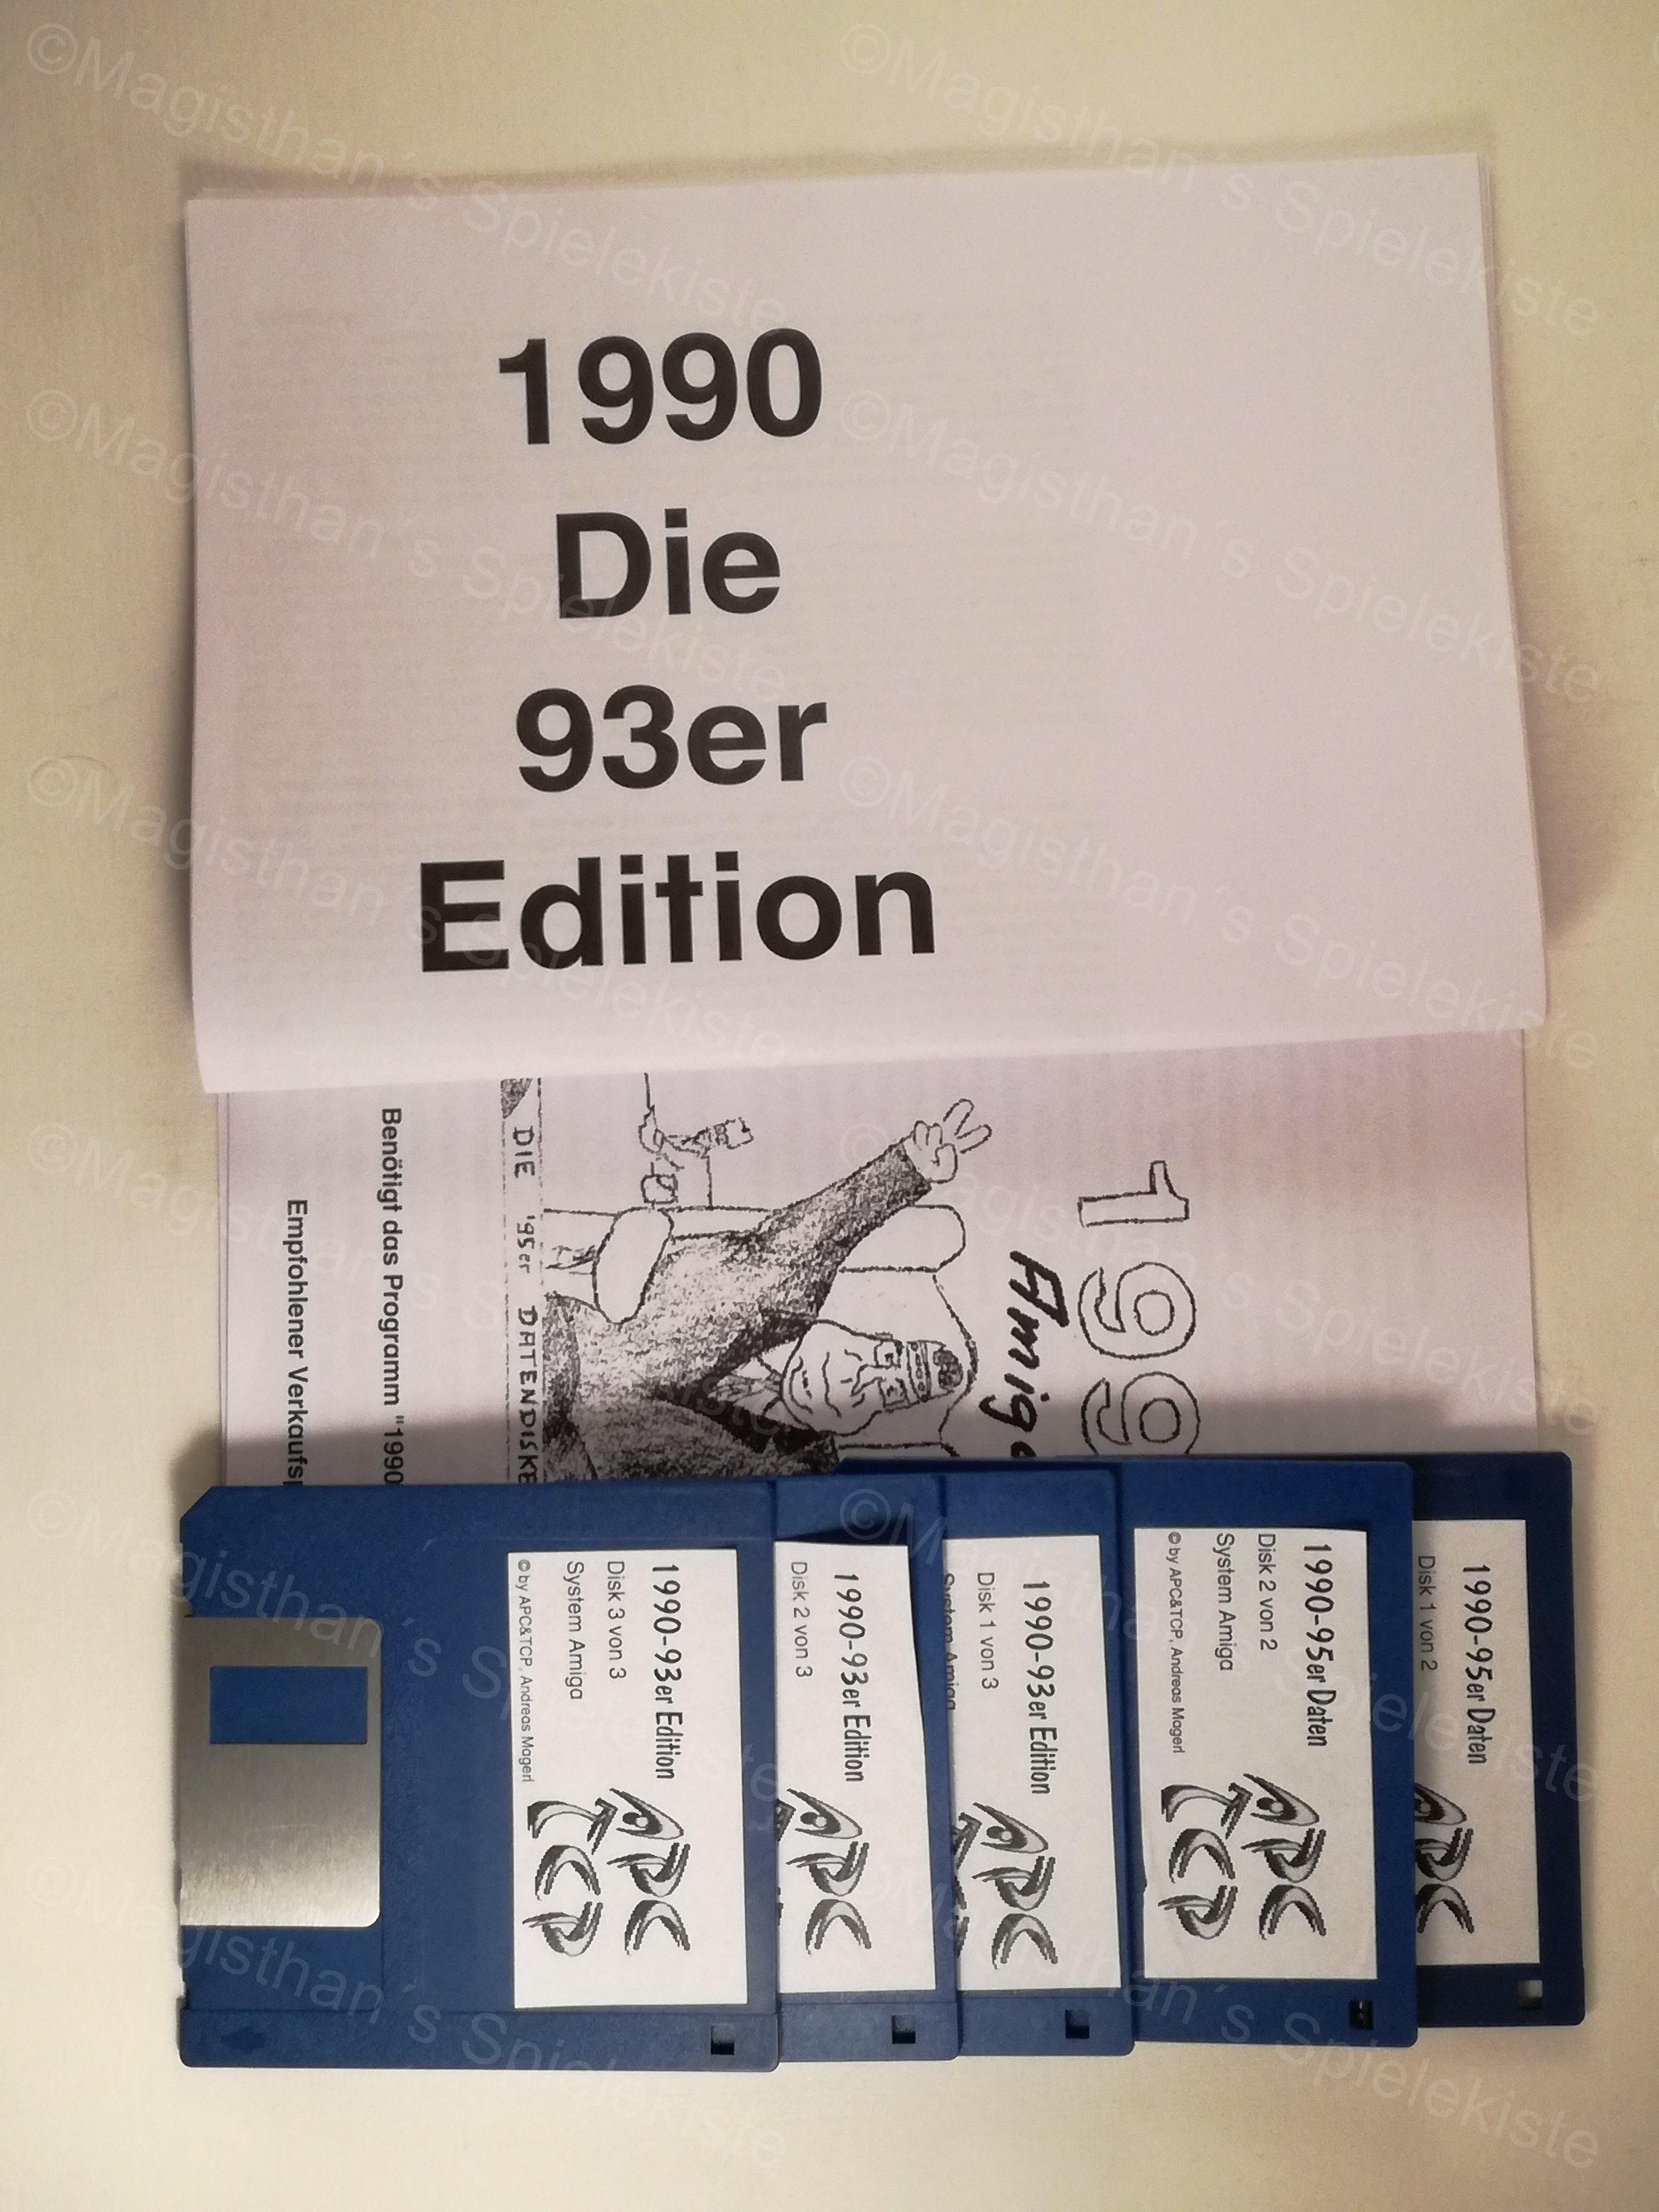 1990Die93Edition2.jpg